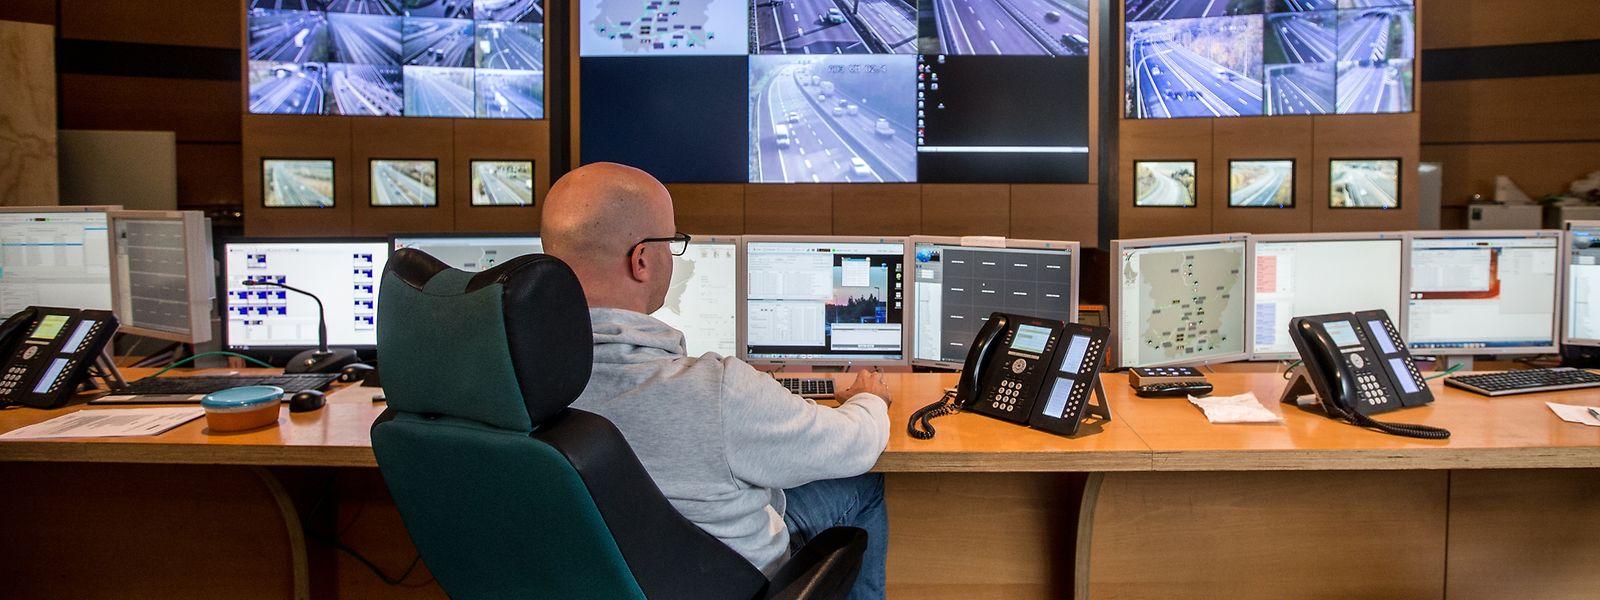 In Bartringen haben die Mitarbeiter der Verkehrszentrale CITA die Autobahnen 24 Stunden im Blick.